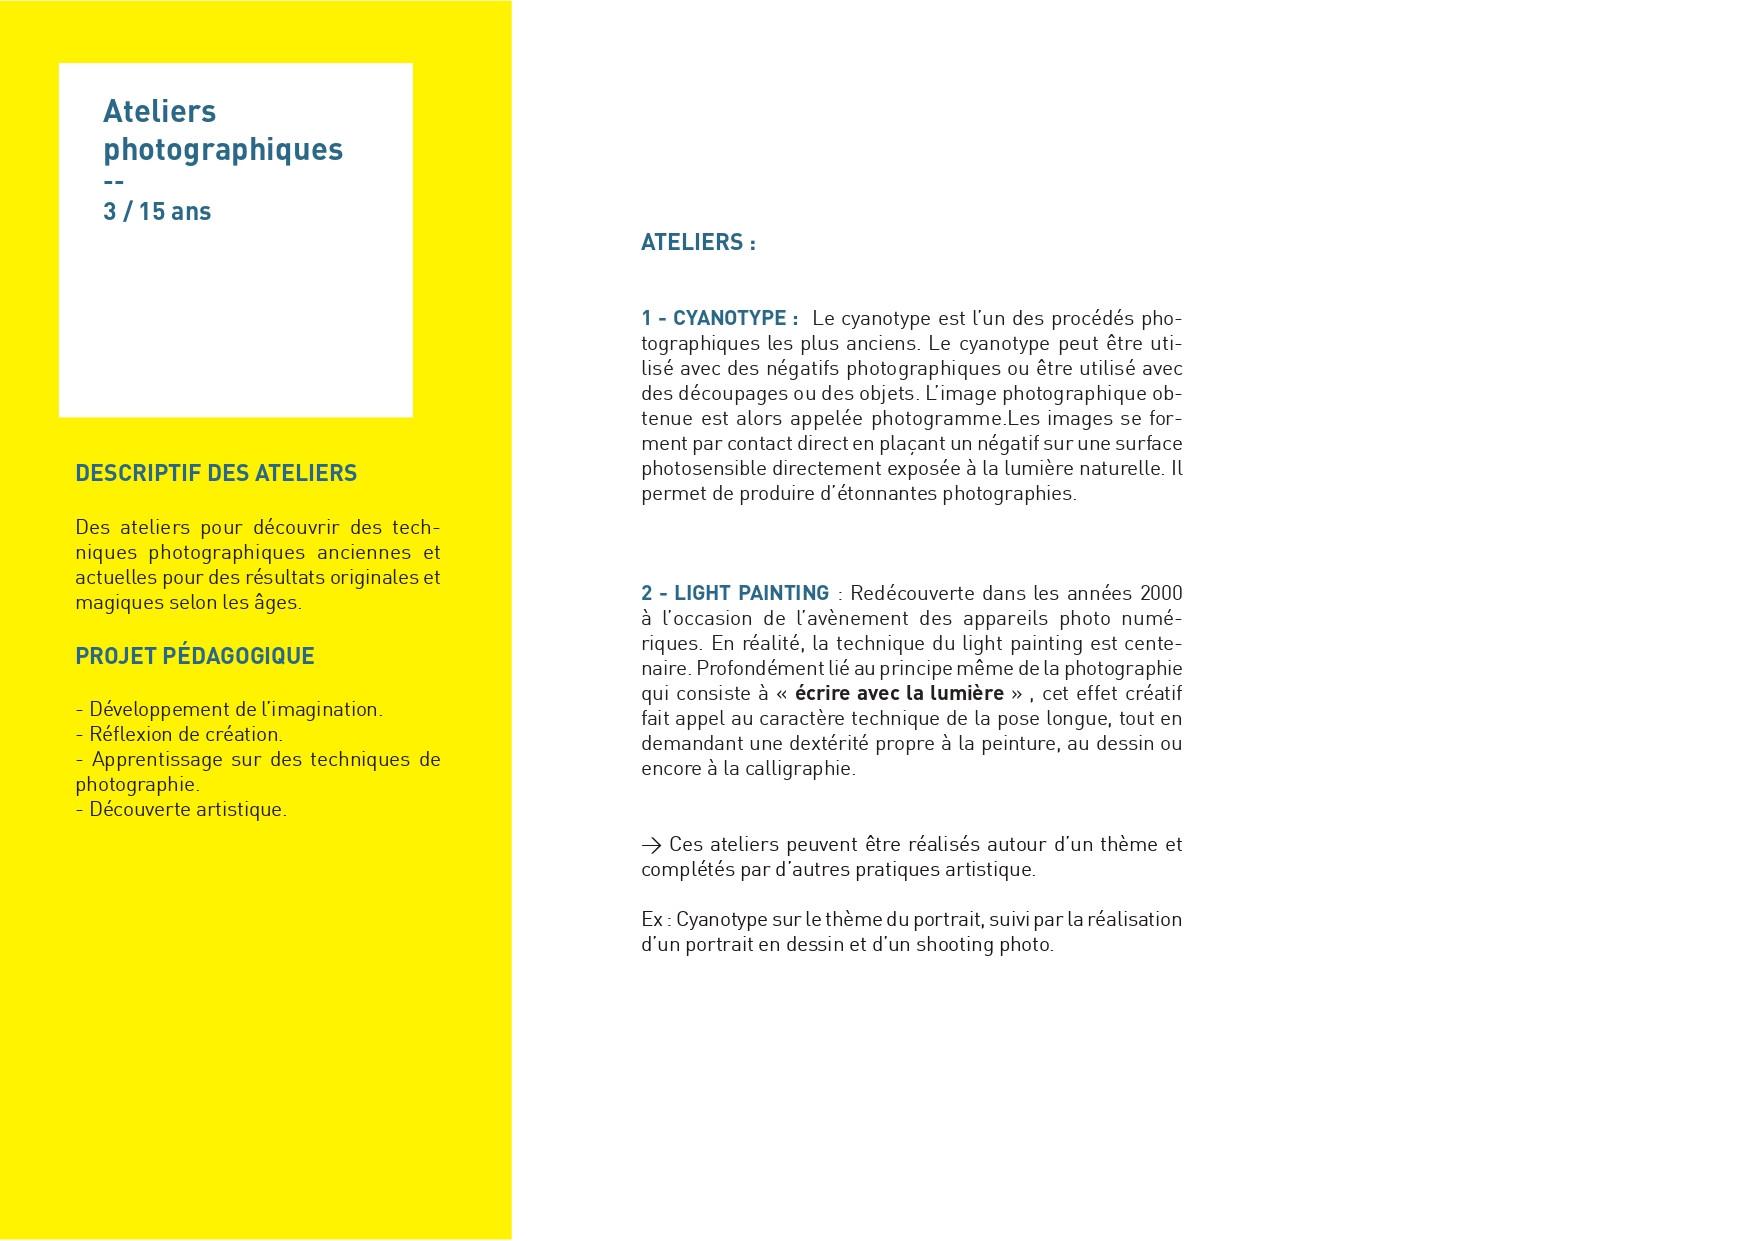 Présentation_-_Ateliers_artistiques_-_M